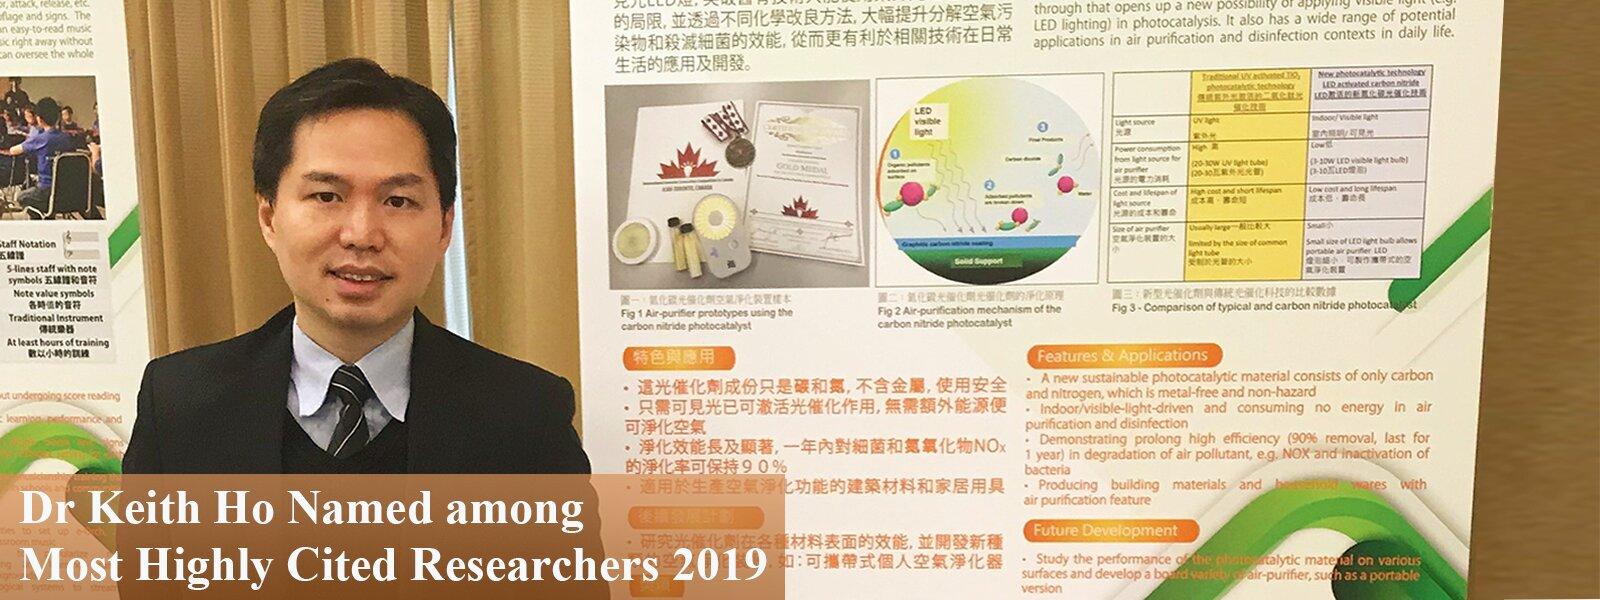 何詠基博士獲嘉譽為2019年度最廣獲徵引研究人員